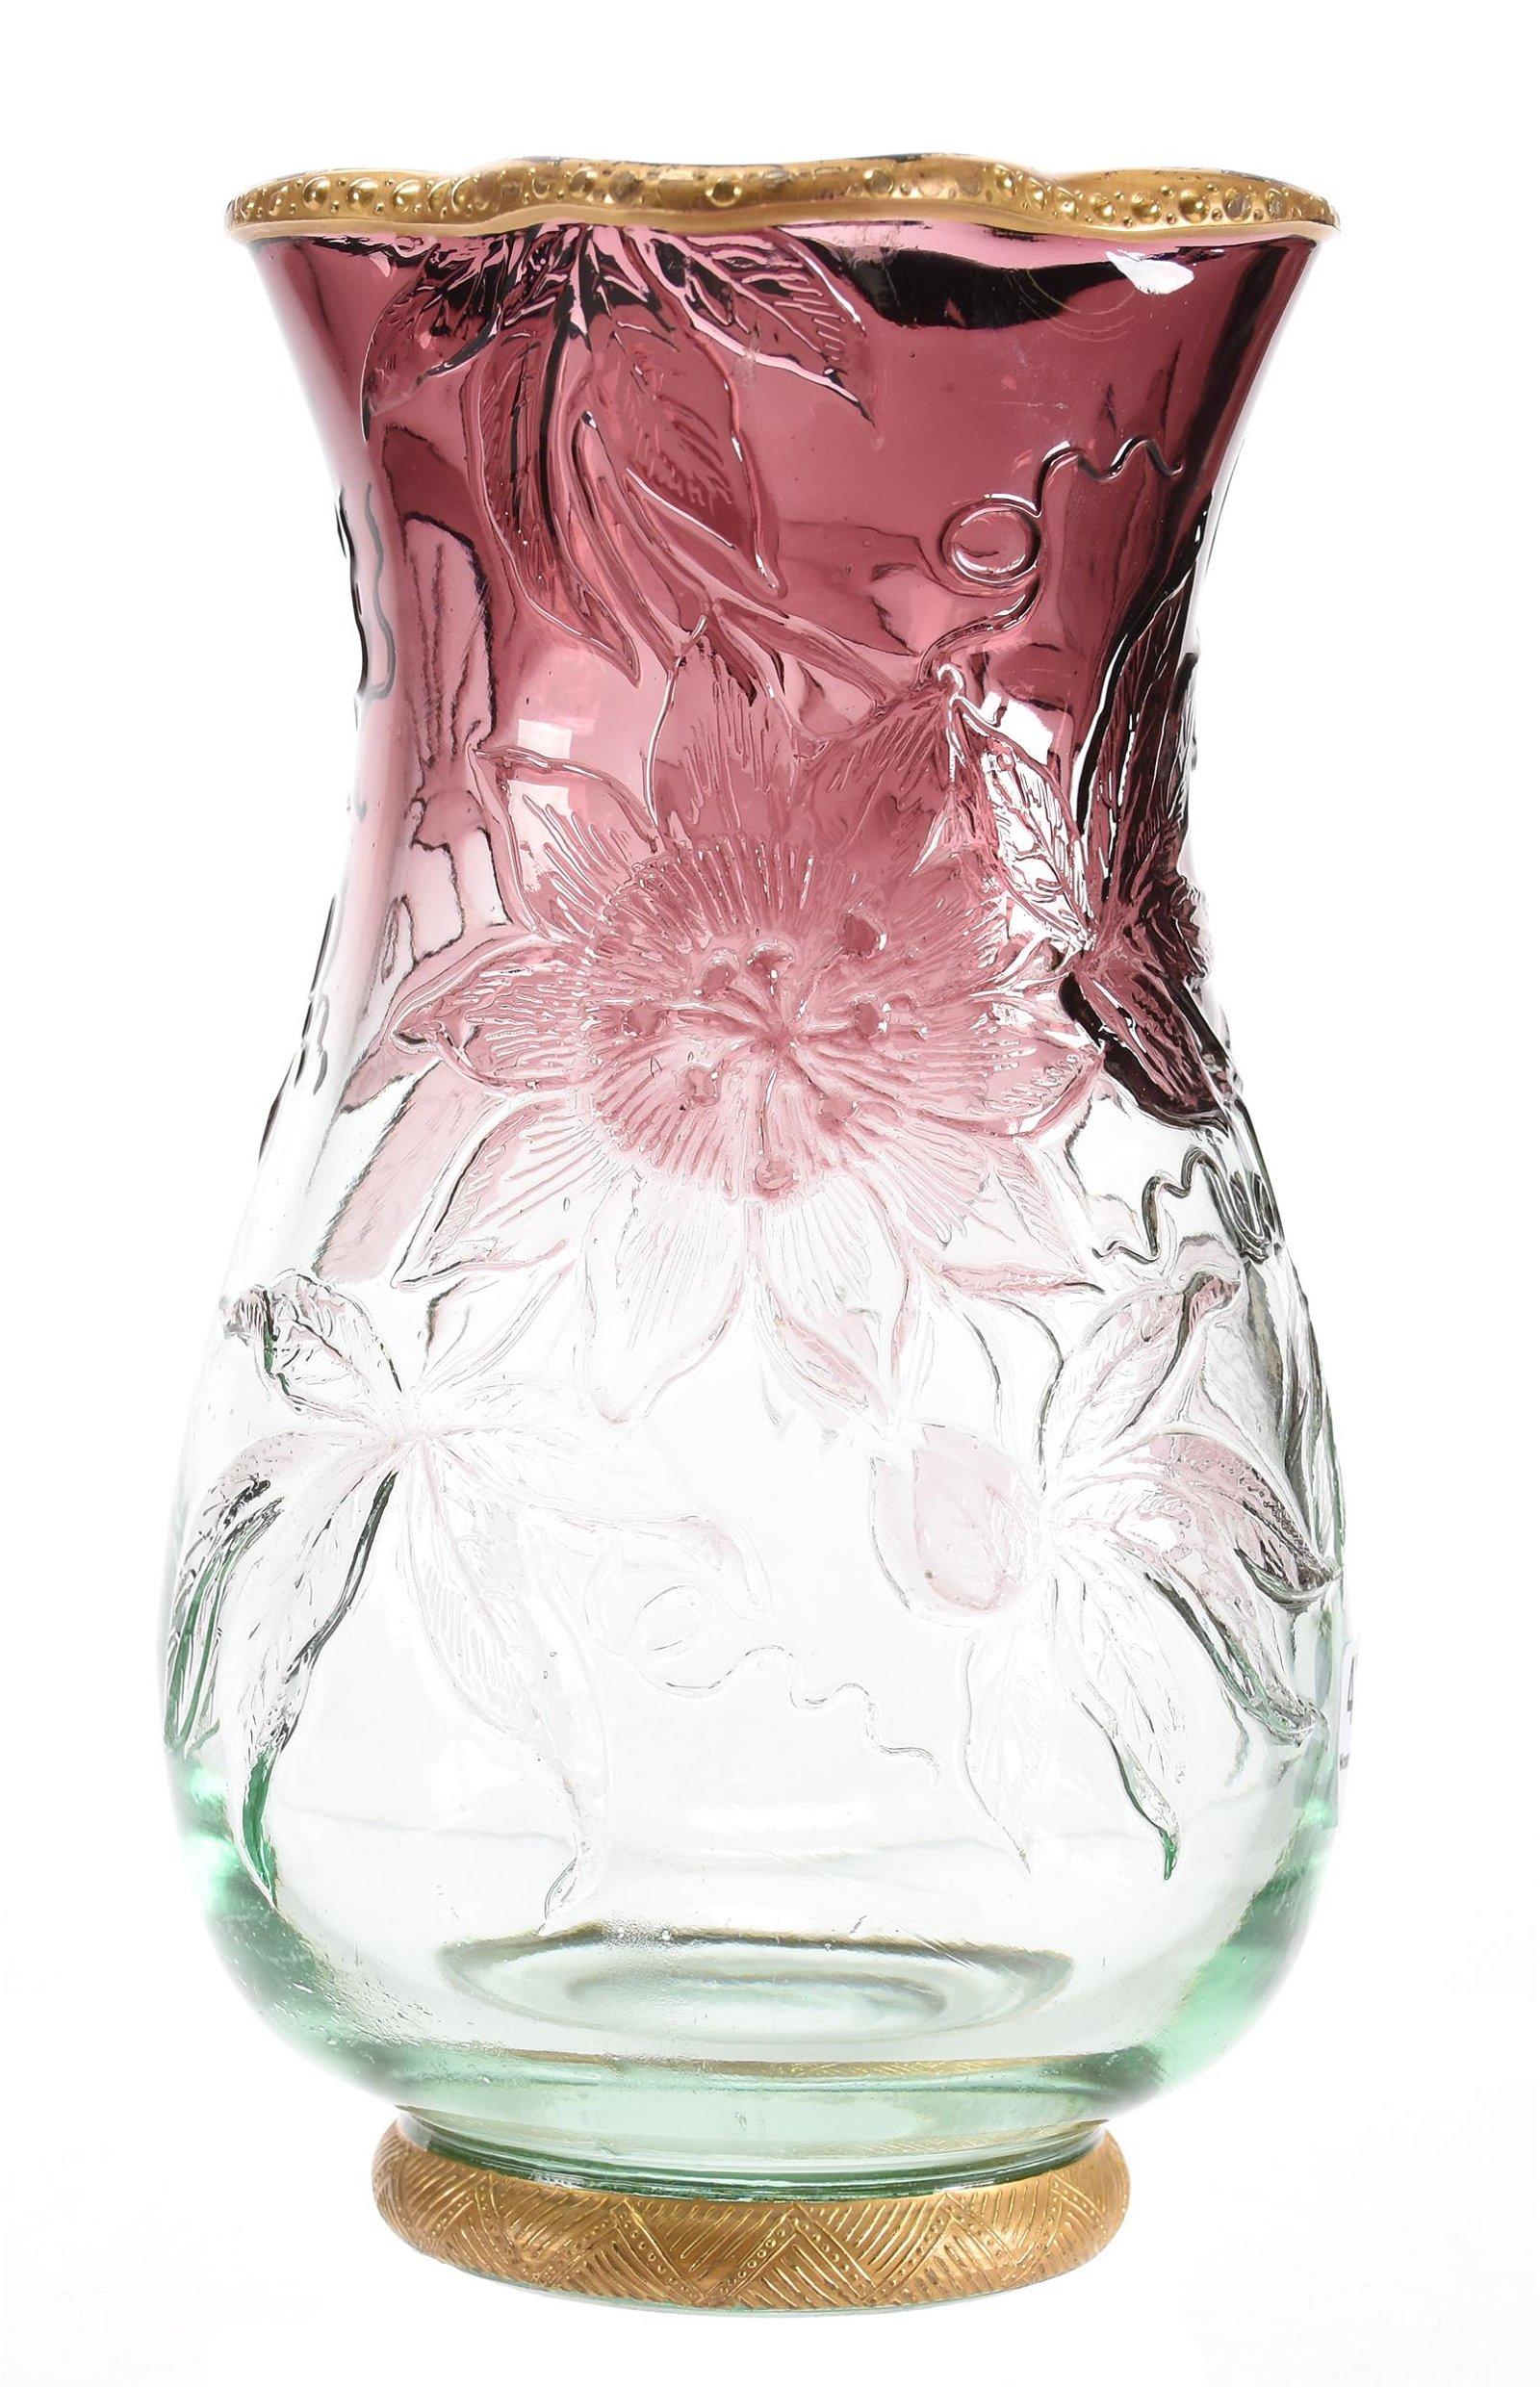 Vase, signed Thomas Webb & Sons, English Cameo